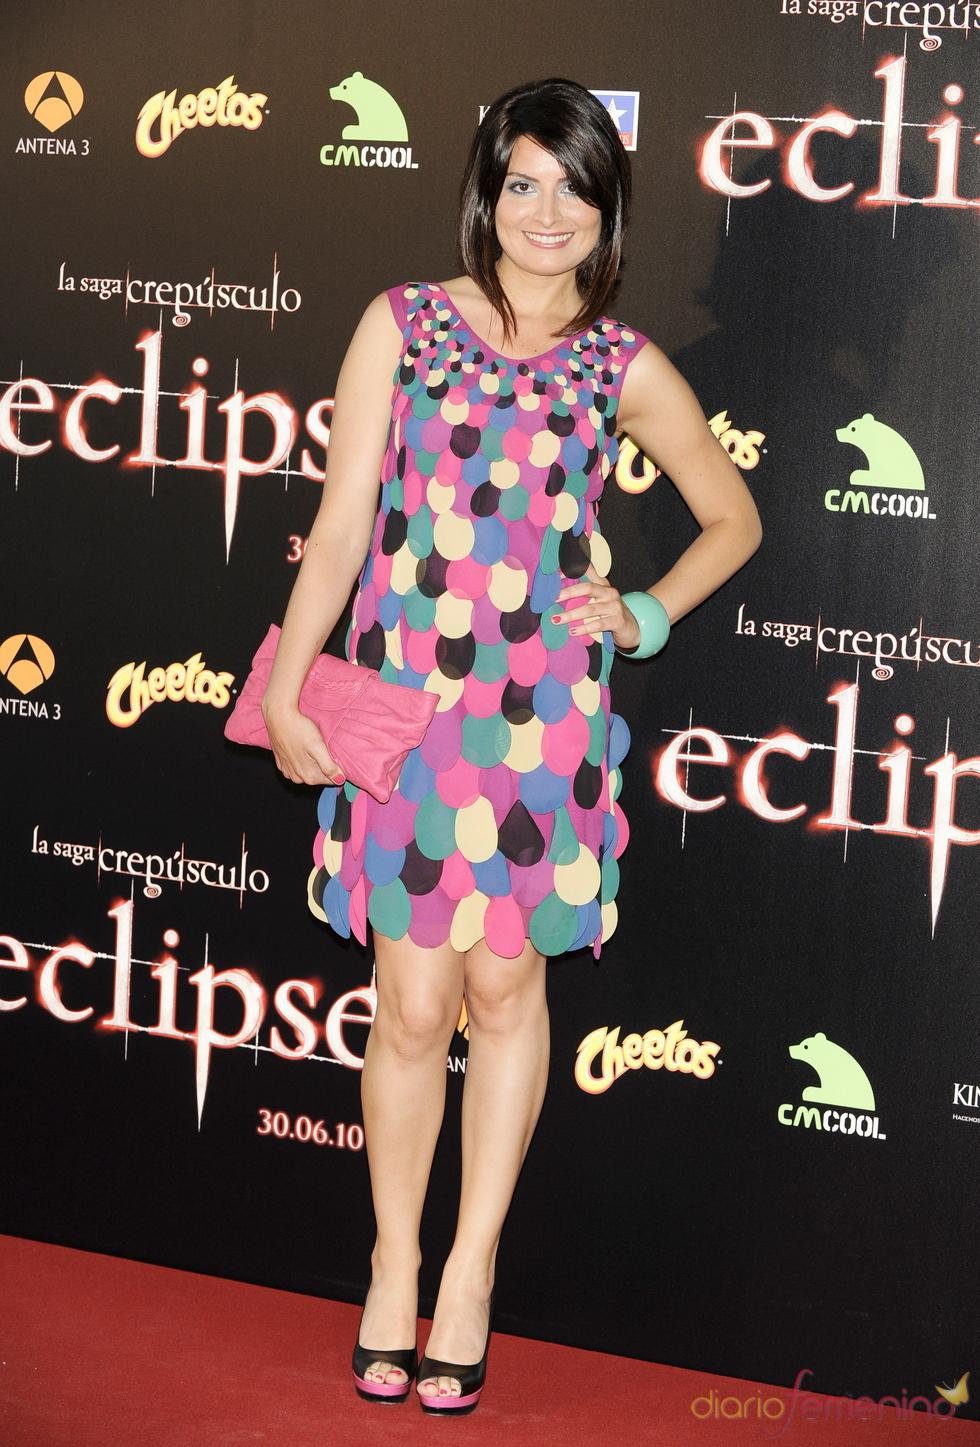 Ledicia Sola en el estreno de 'Eclipse'